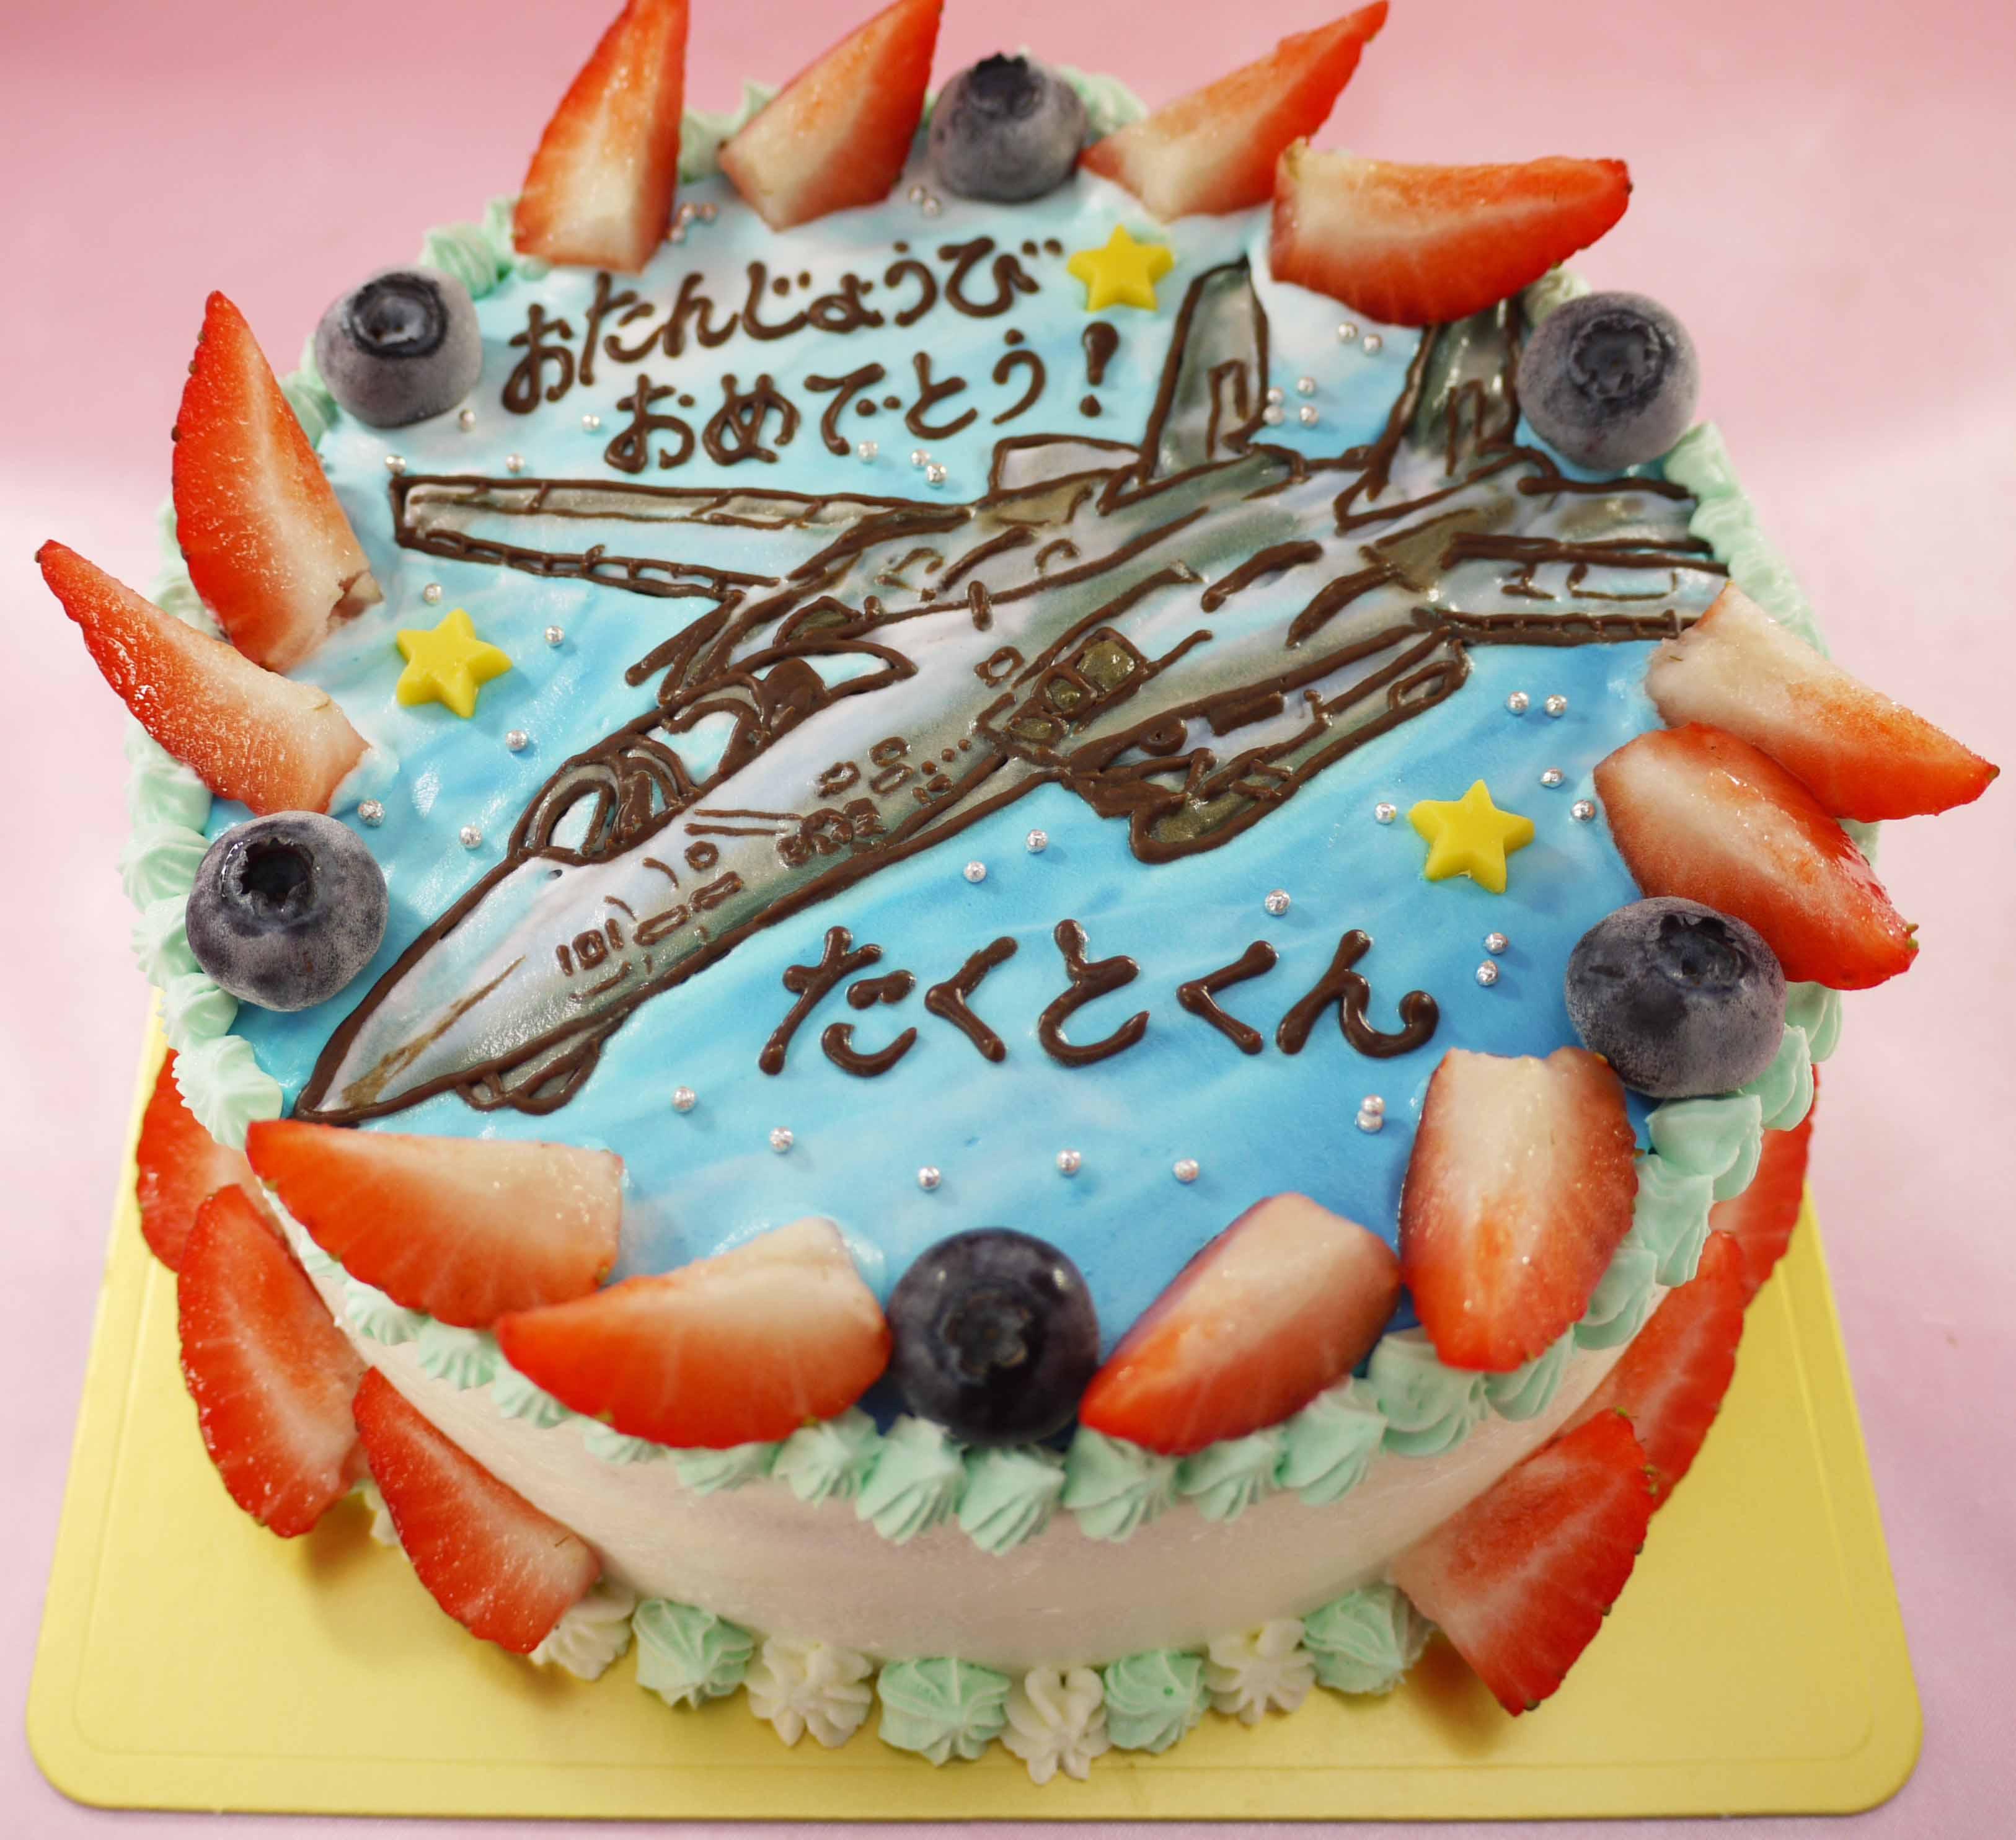 戦闘機のイラストケーキ